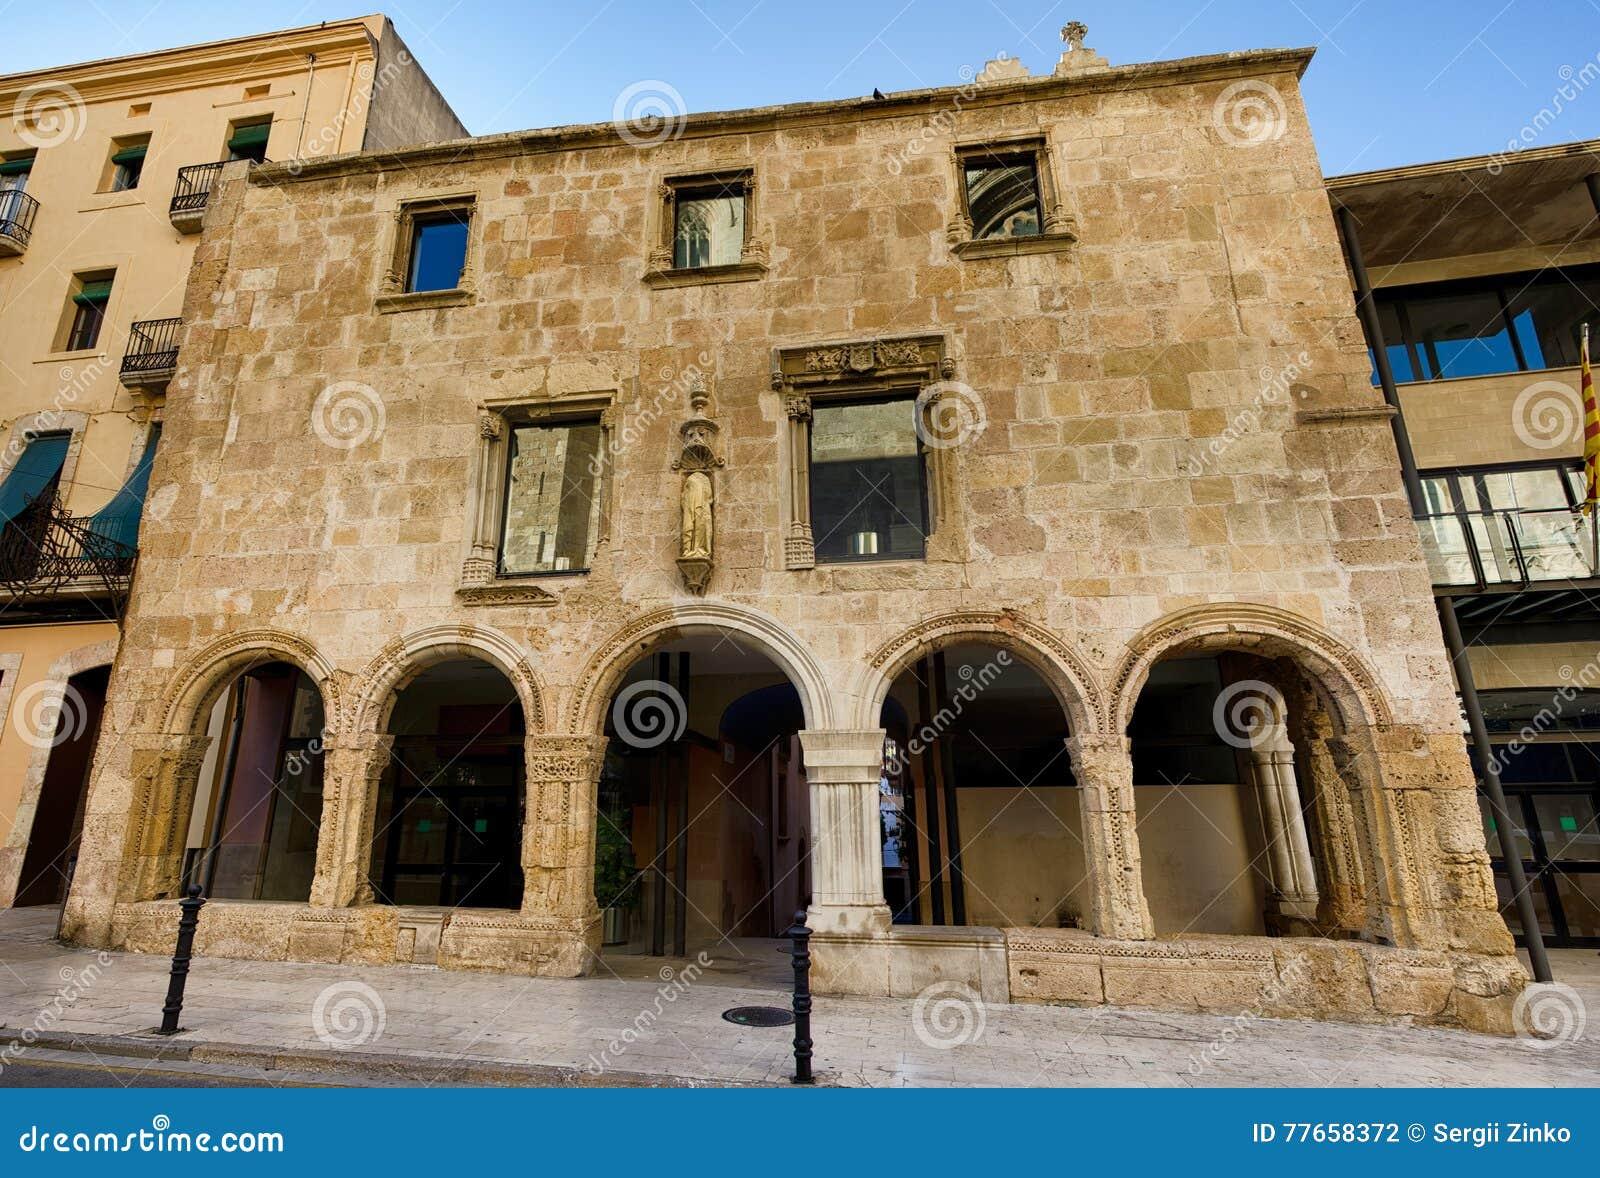 La Fachada Del Edificio Romano Preservado Labra Nuestro Tiempo En